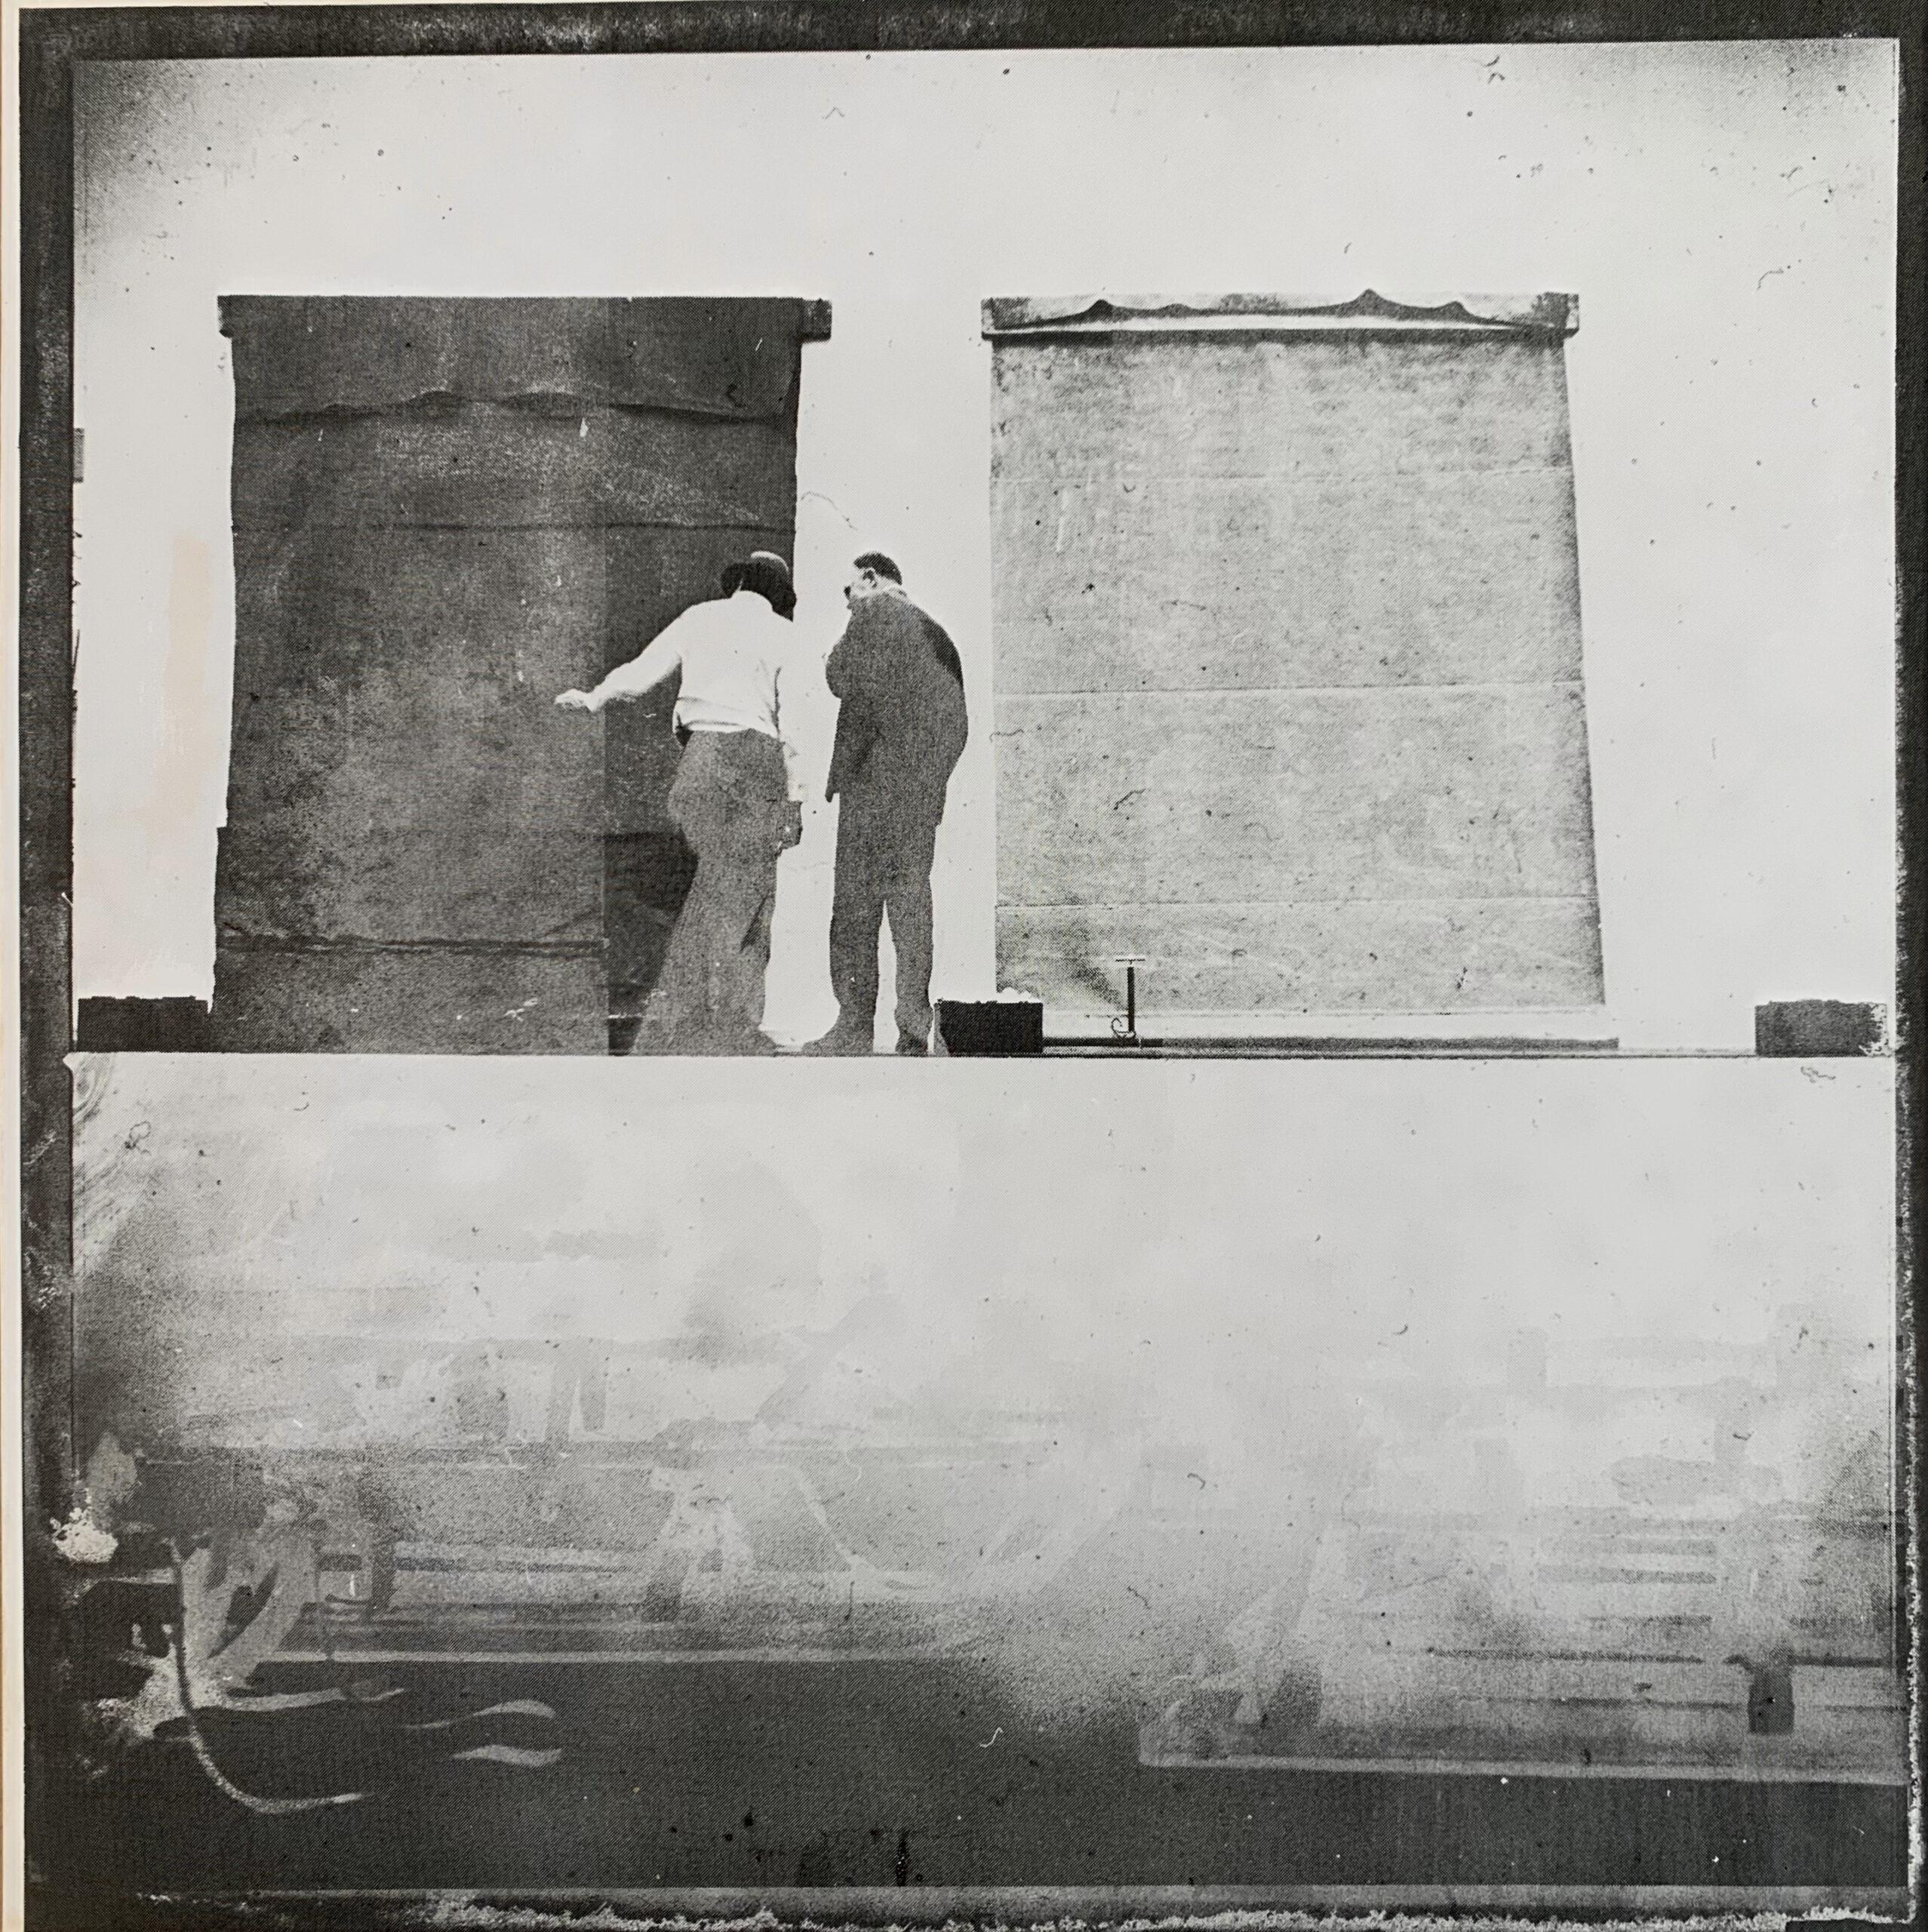 Joseph Beuys, 3 tonnen editionen